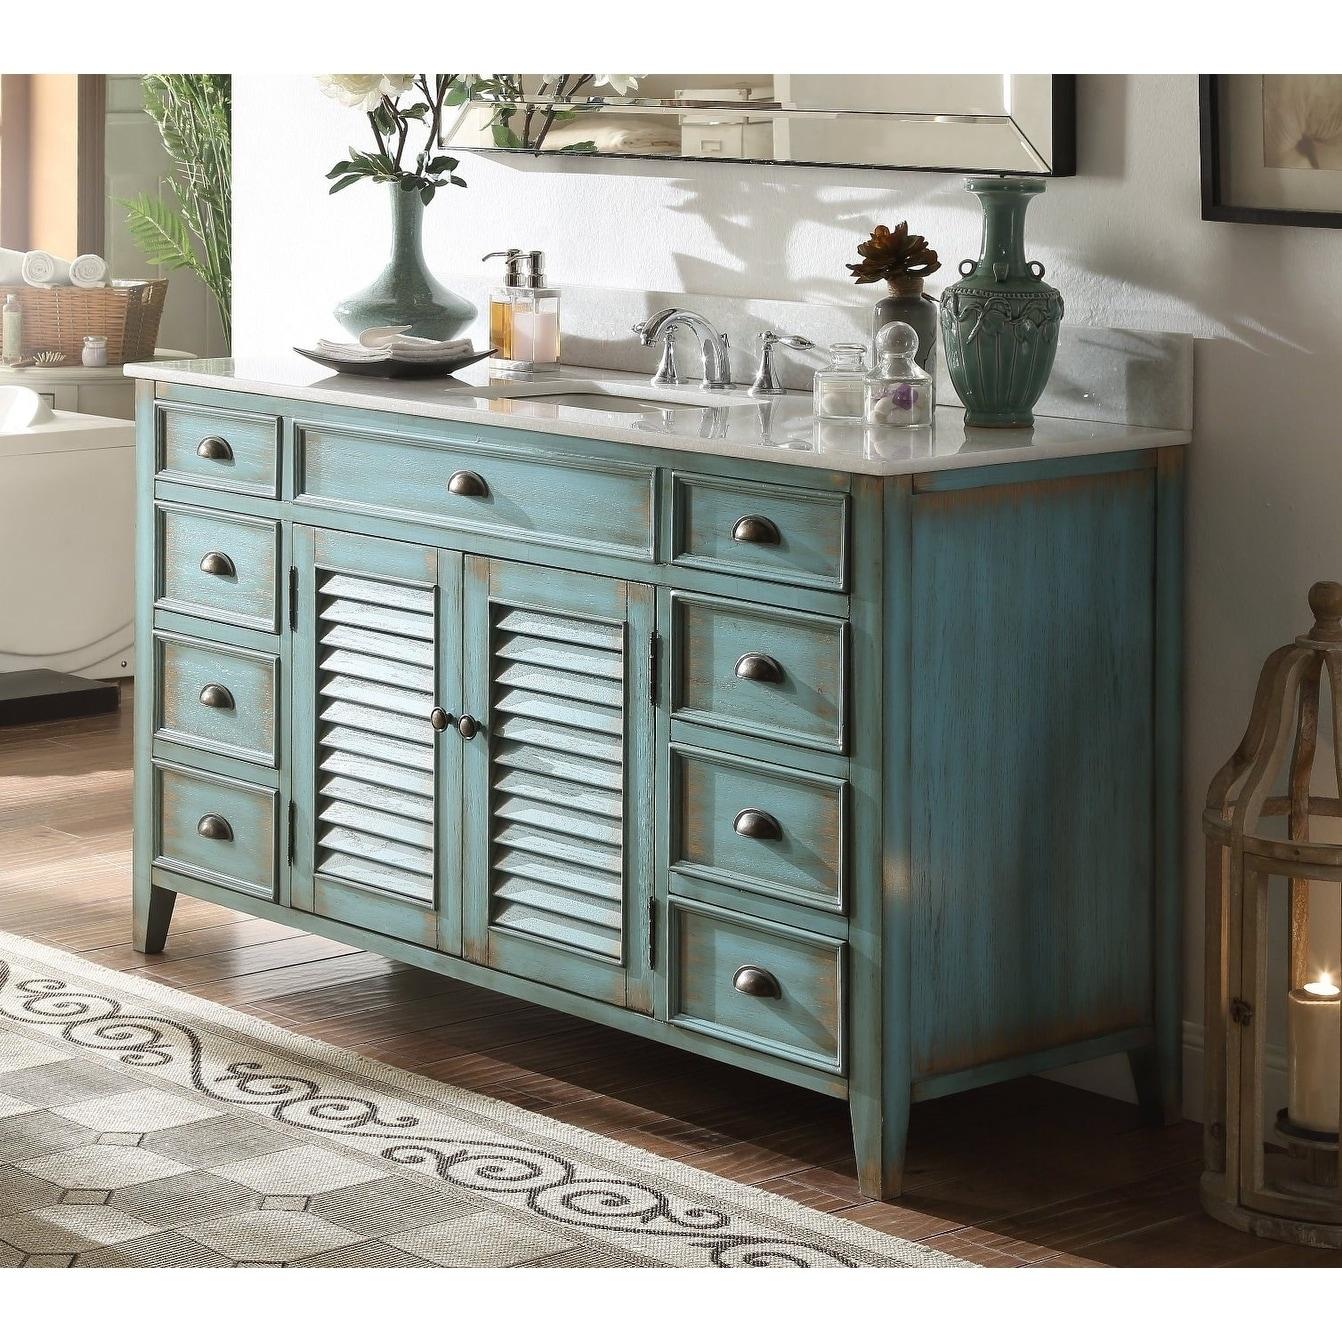 Buy Rustic Bathroom Vanities & Vanity Cabinets Online at Overstock ...